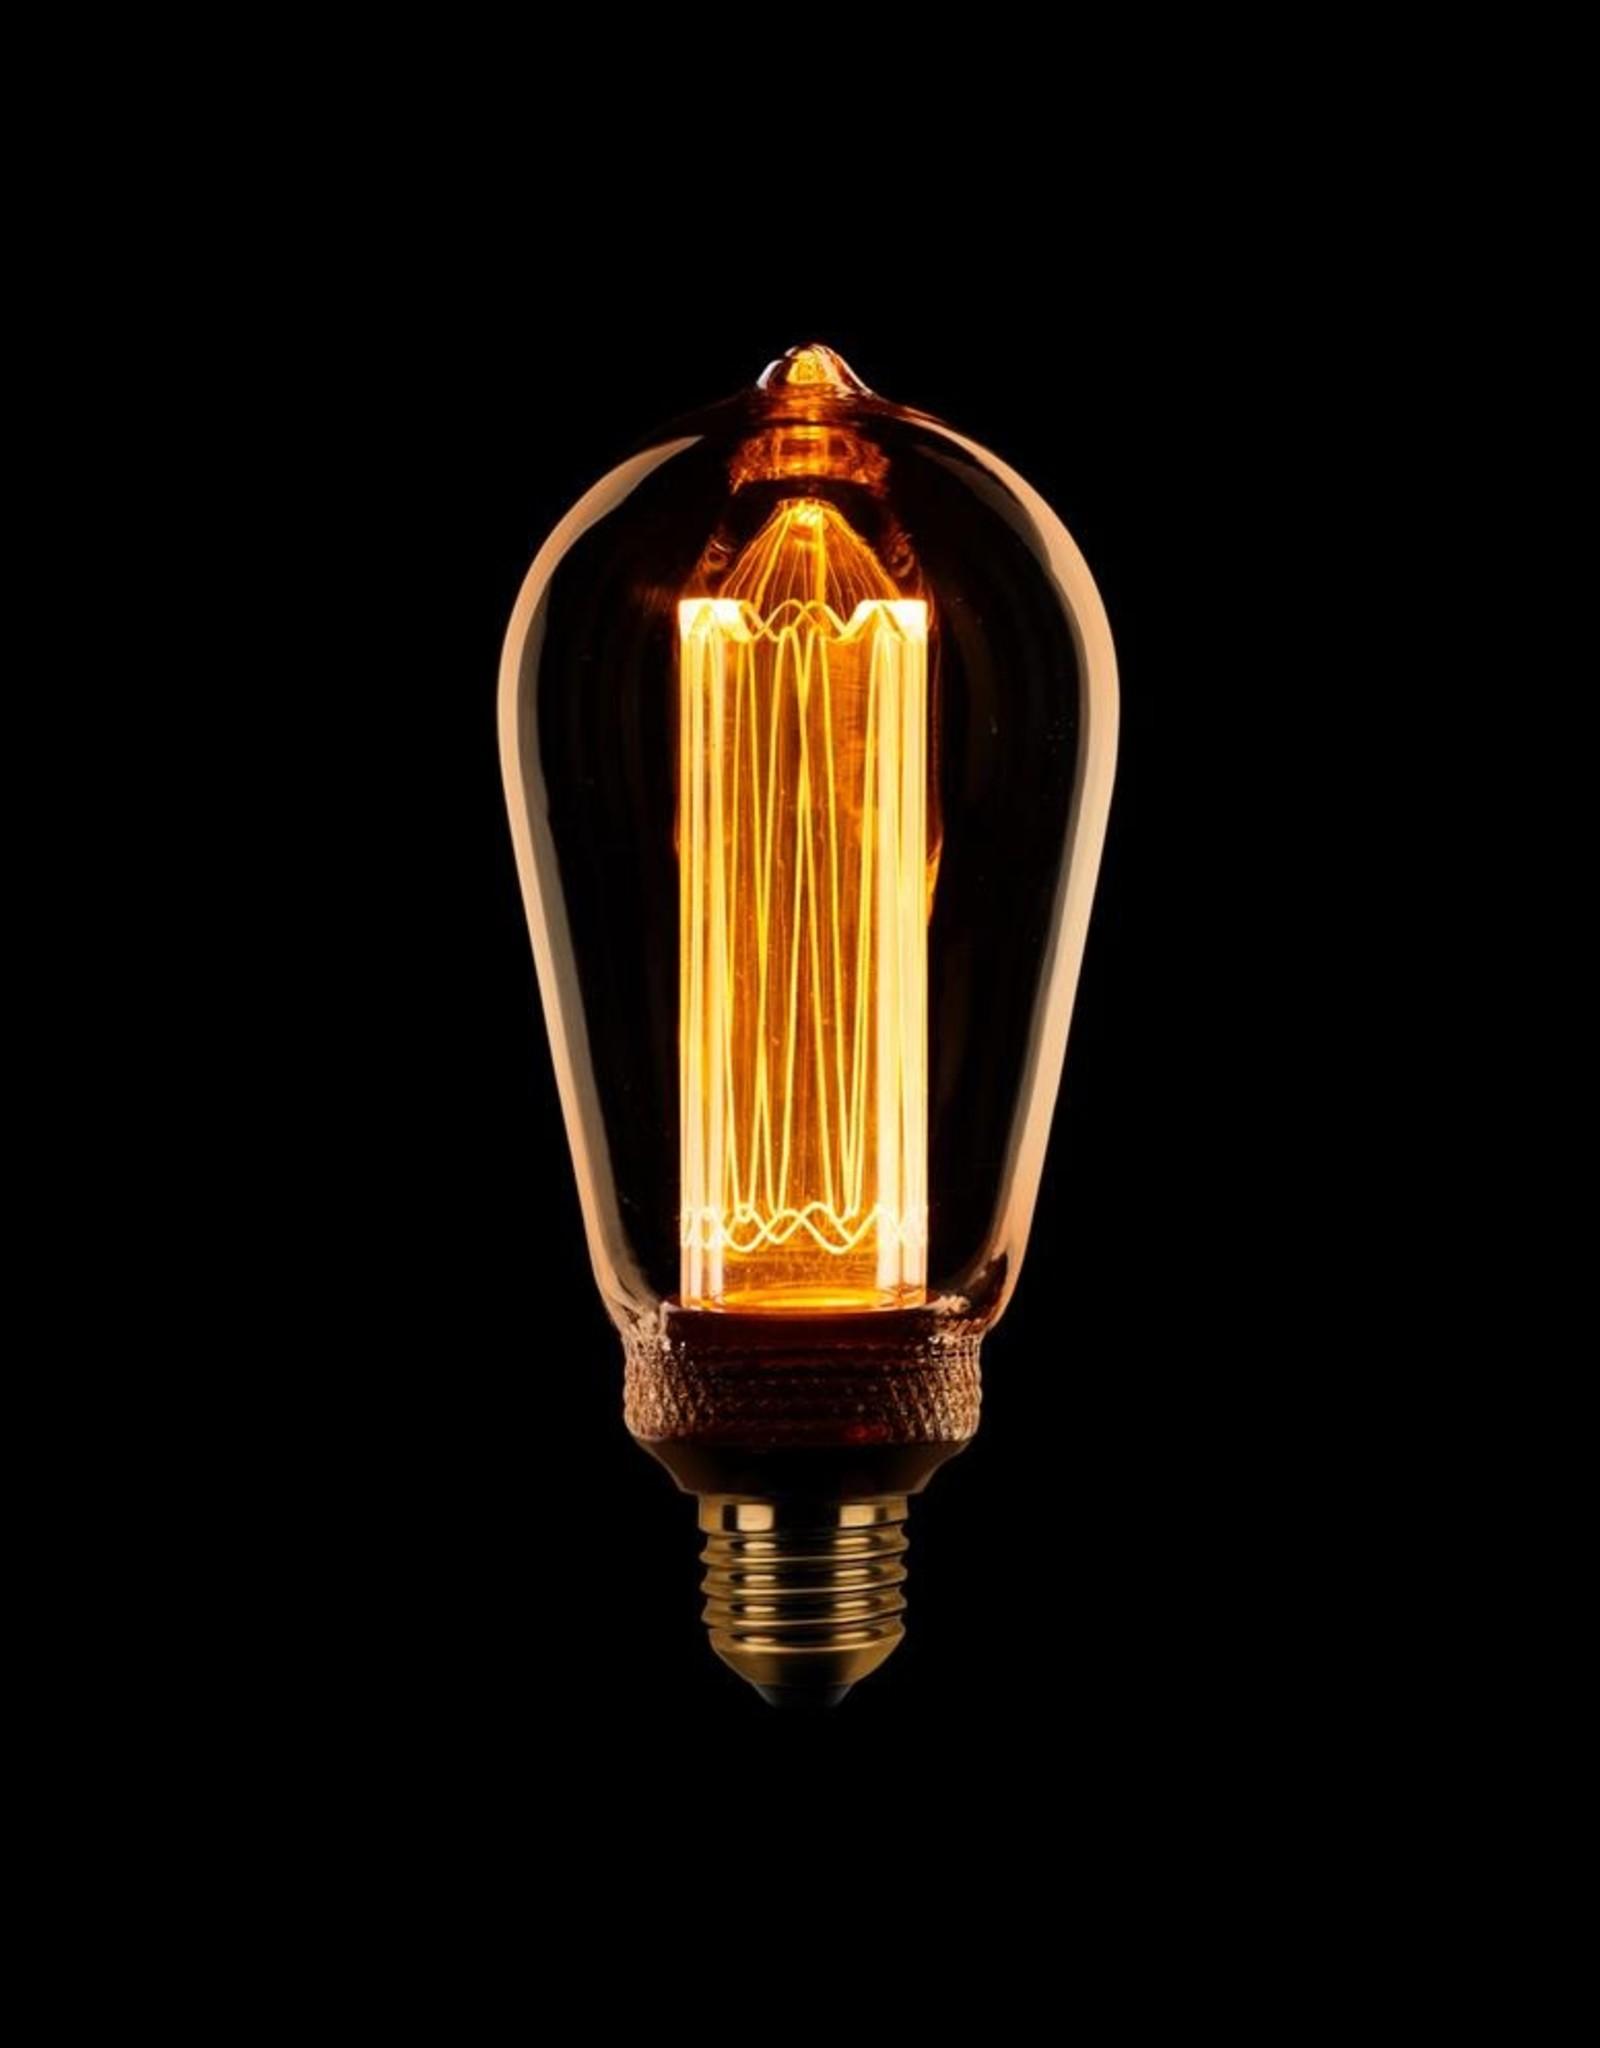 Lamp Edison kooldraad LED 3 stappen dimbaar goud amber E27